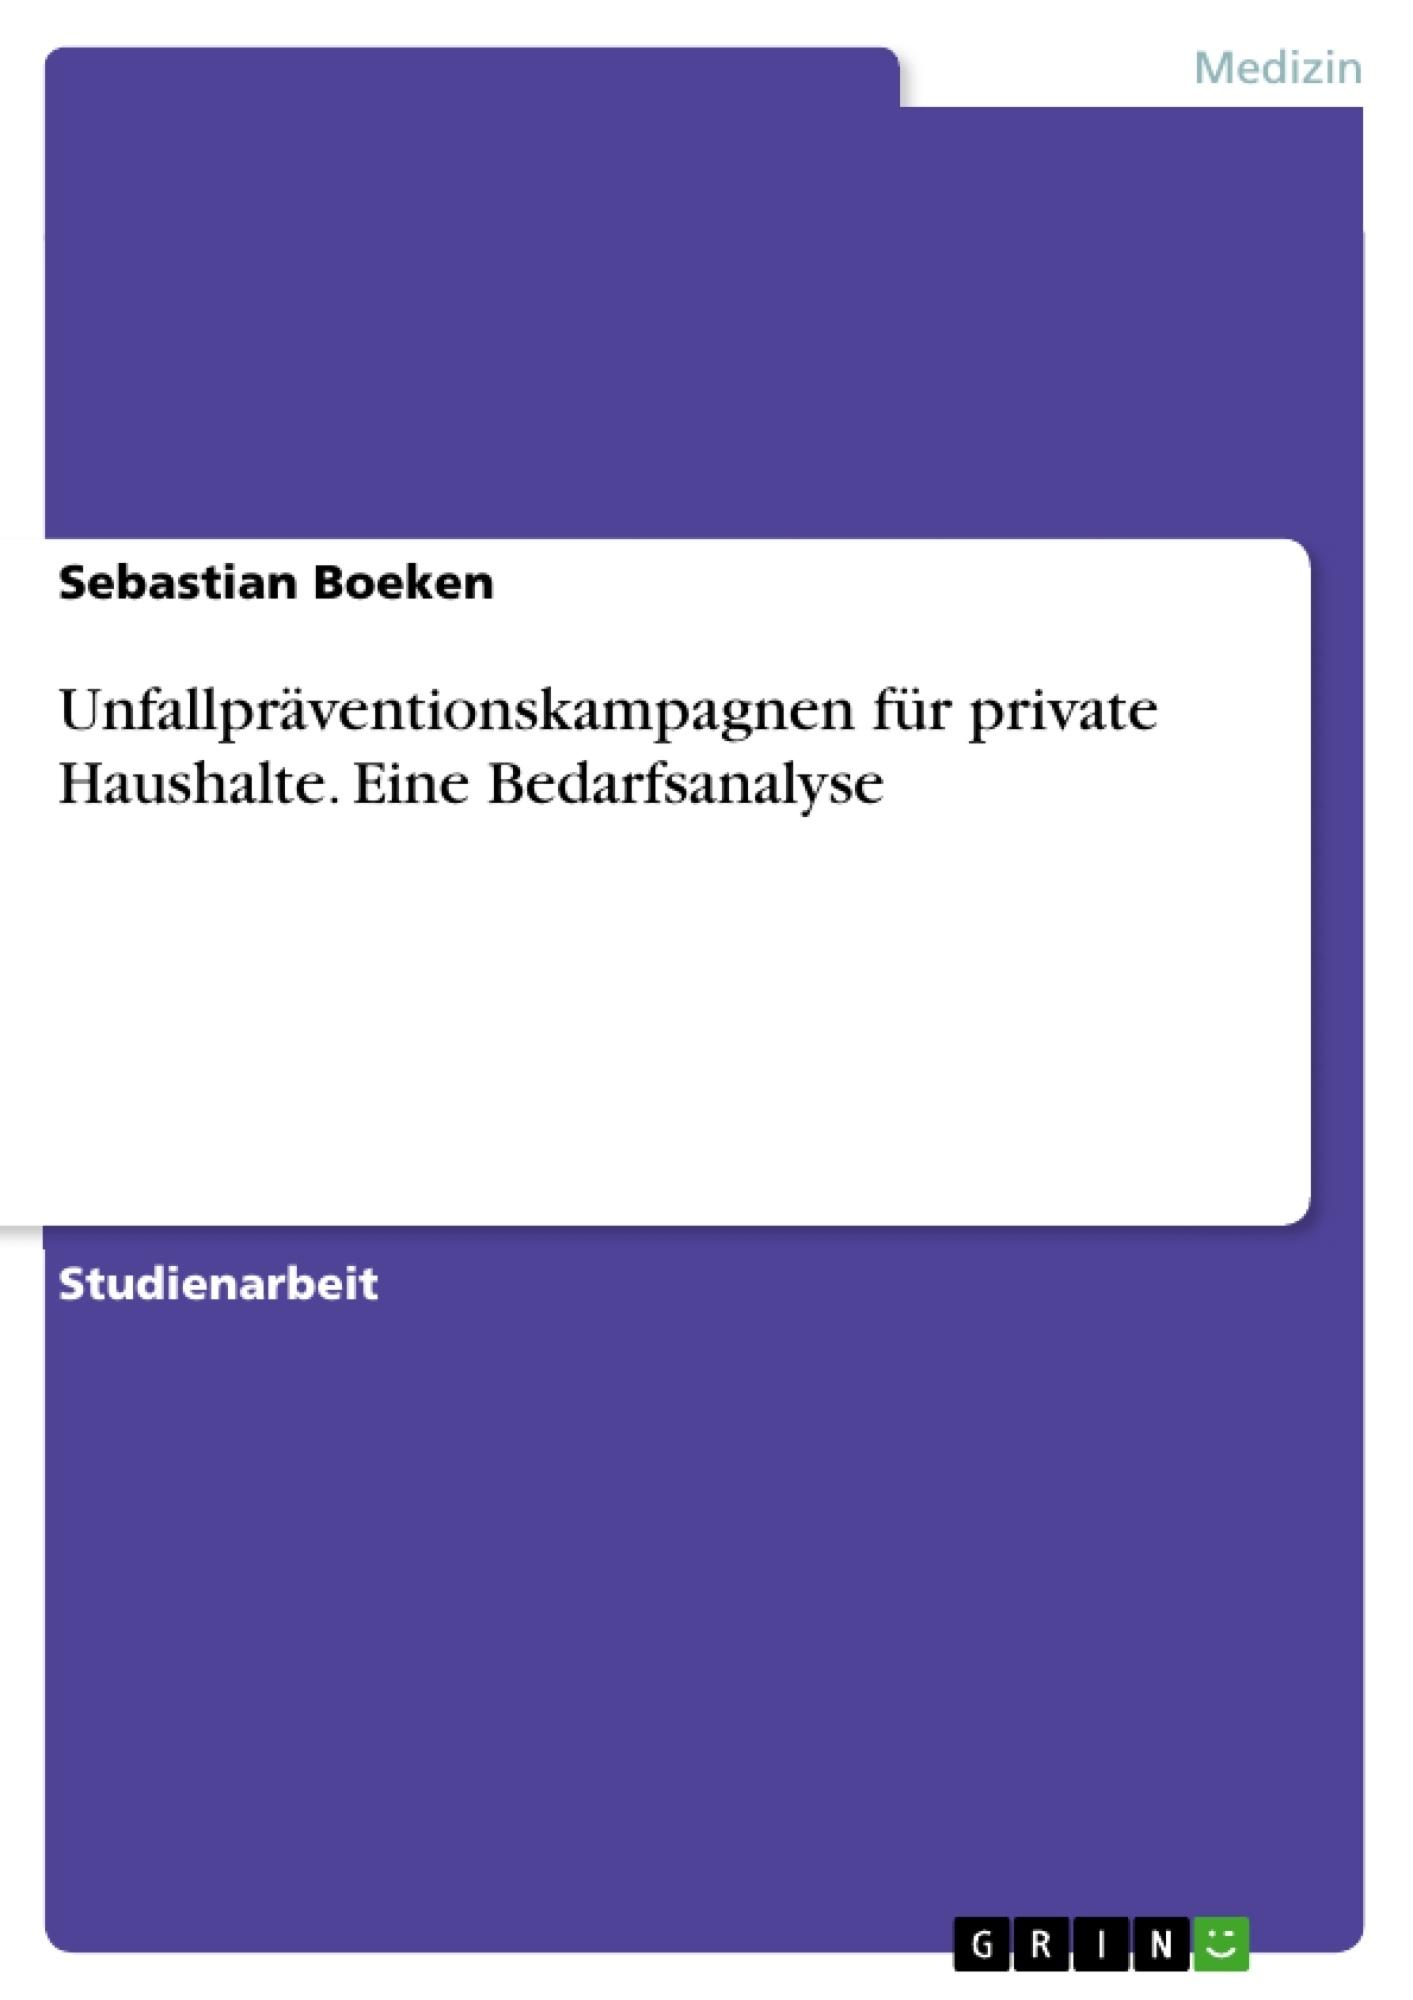 Titel: Unfallpräventionskampagnen für private Haushalte. Eine Bedarfsanalyse